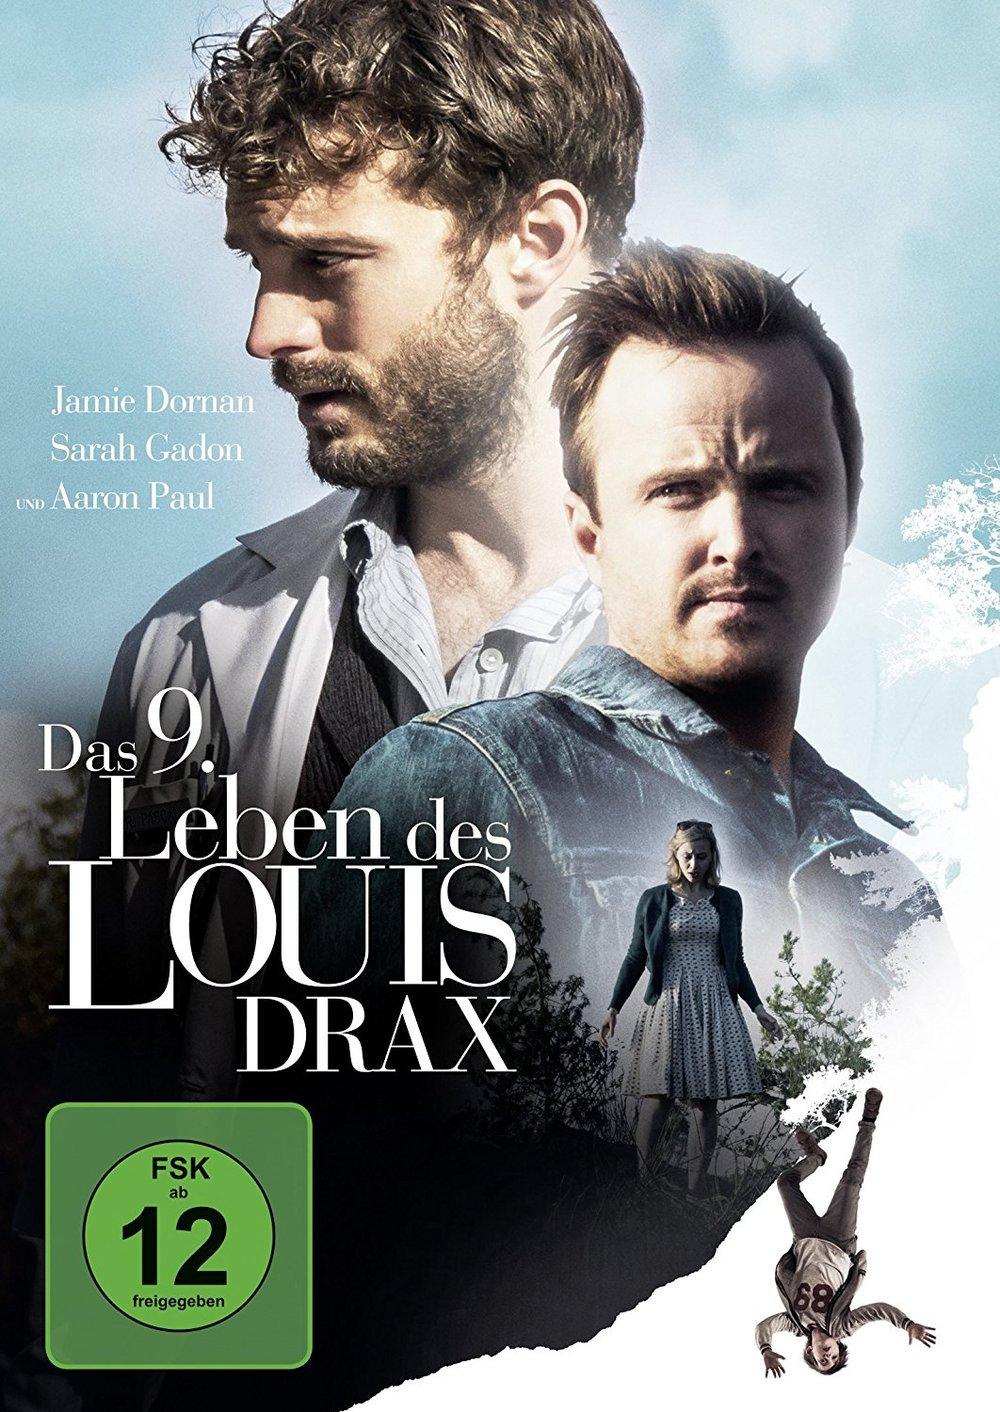 """""""Das neunte Leben des Louis Drax"""": Macht mit und gewinnt eine BD des Films mit Aaron Paul und Jamie Dornan"""